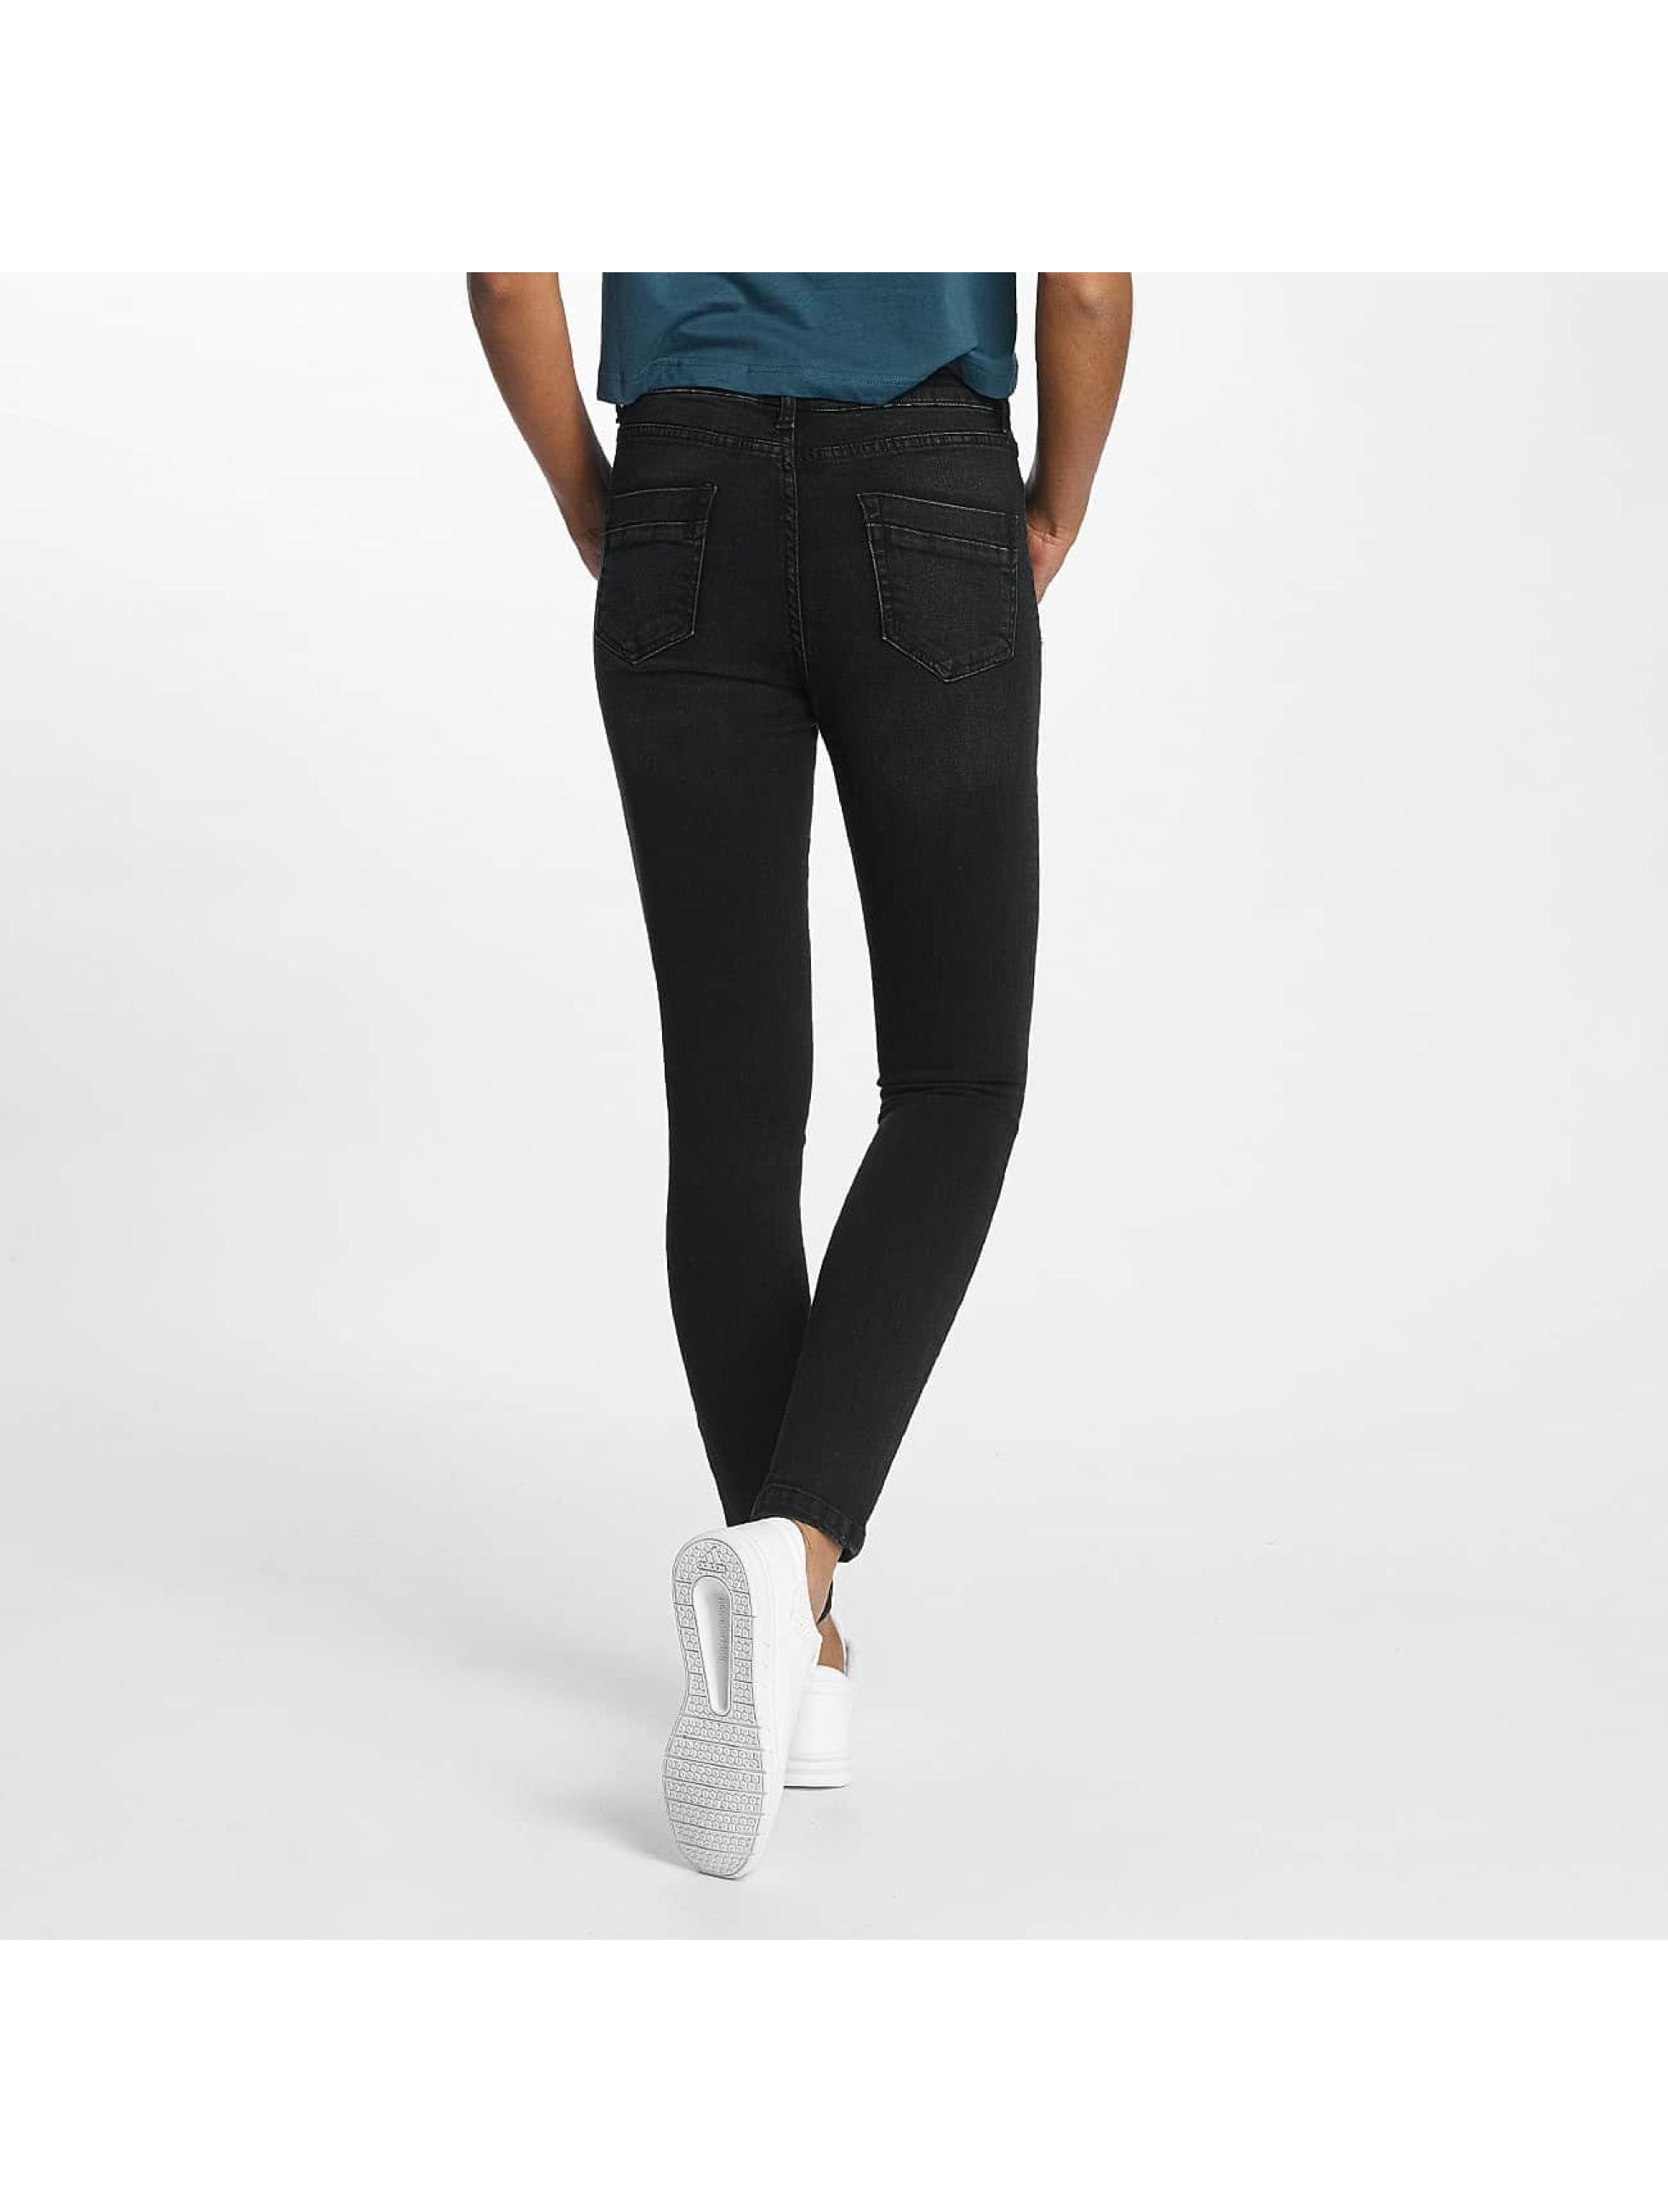 Urban Classics Облегающие джинсы Skinny Denim черный